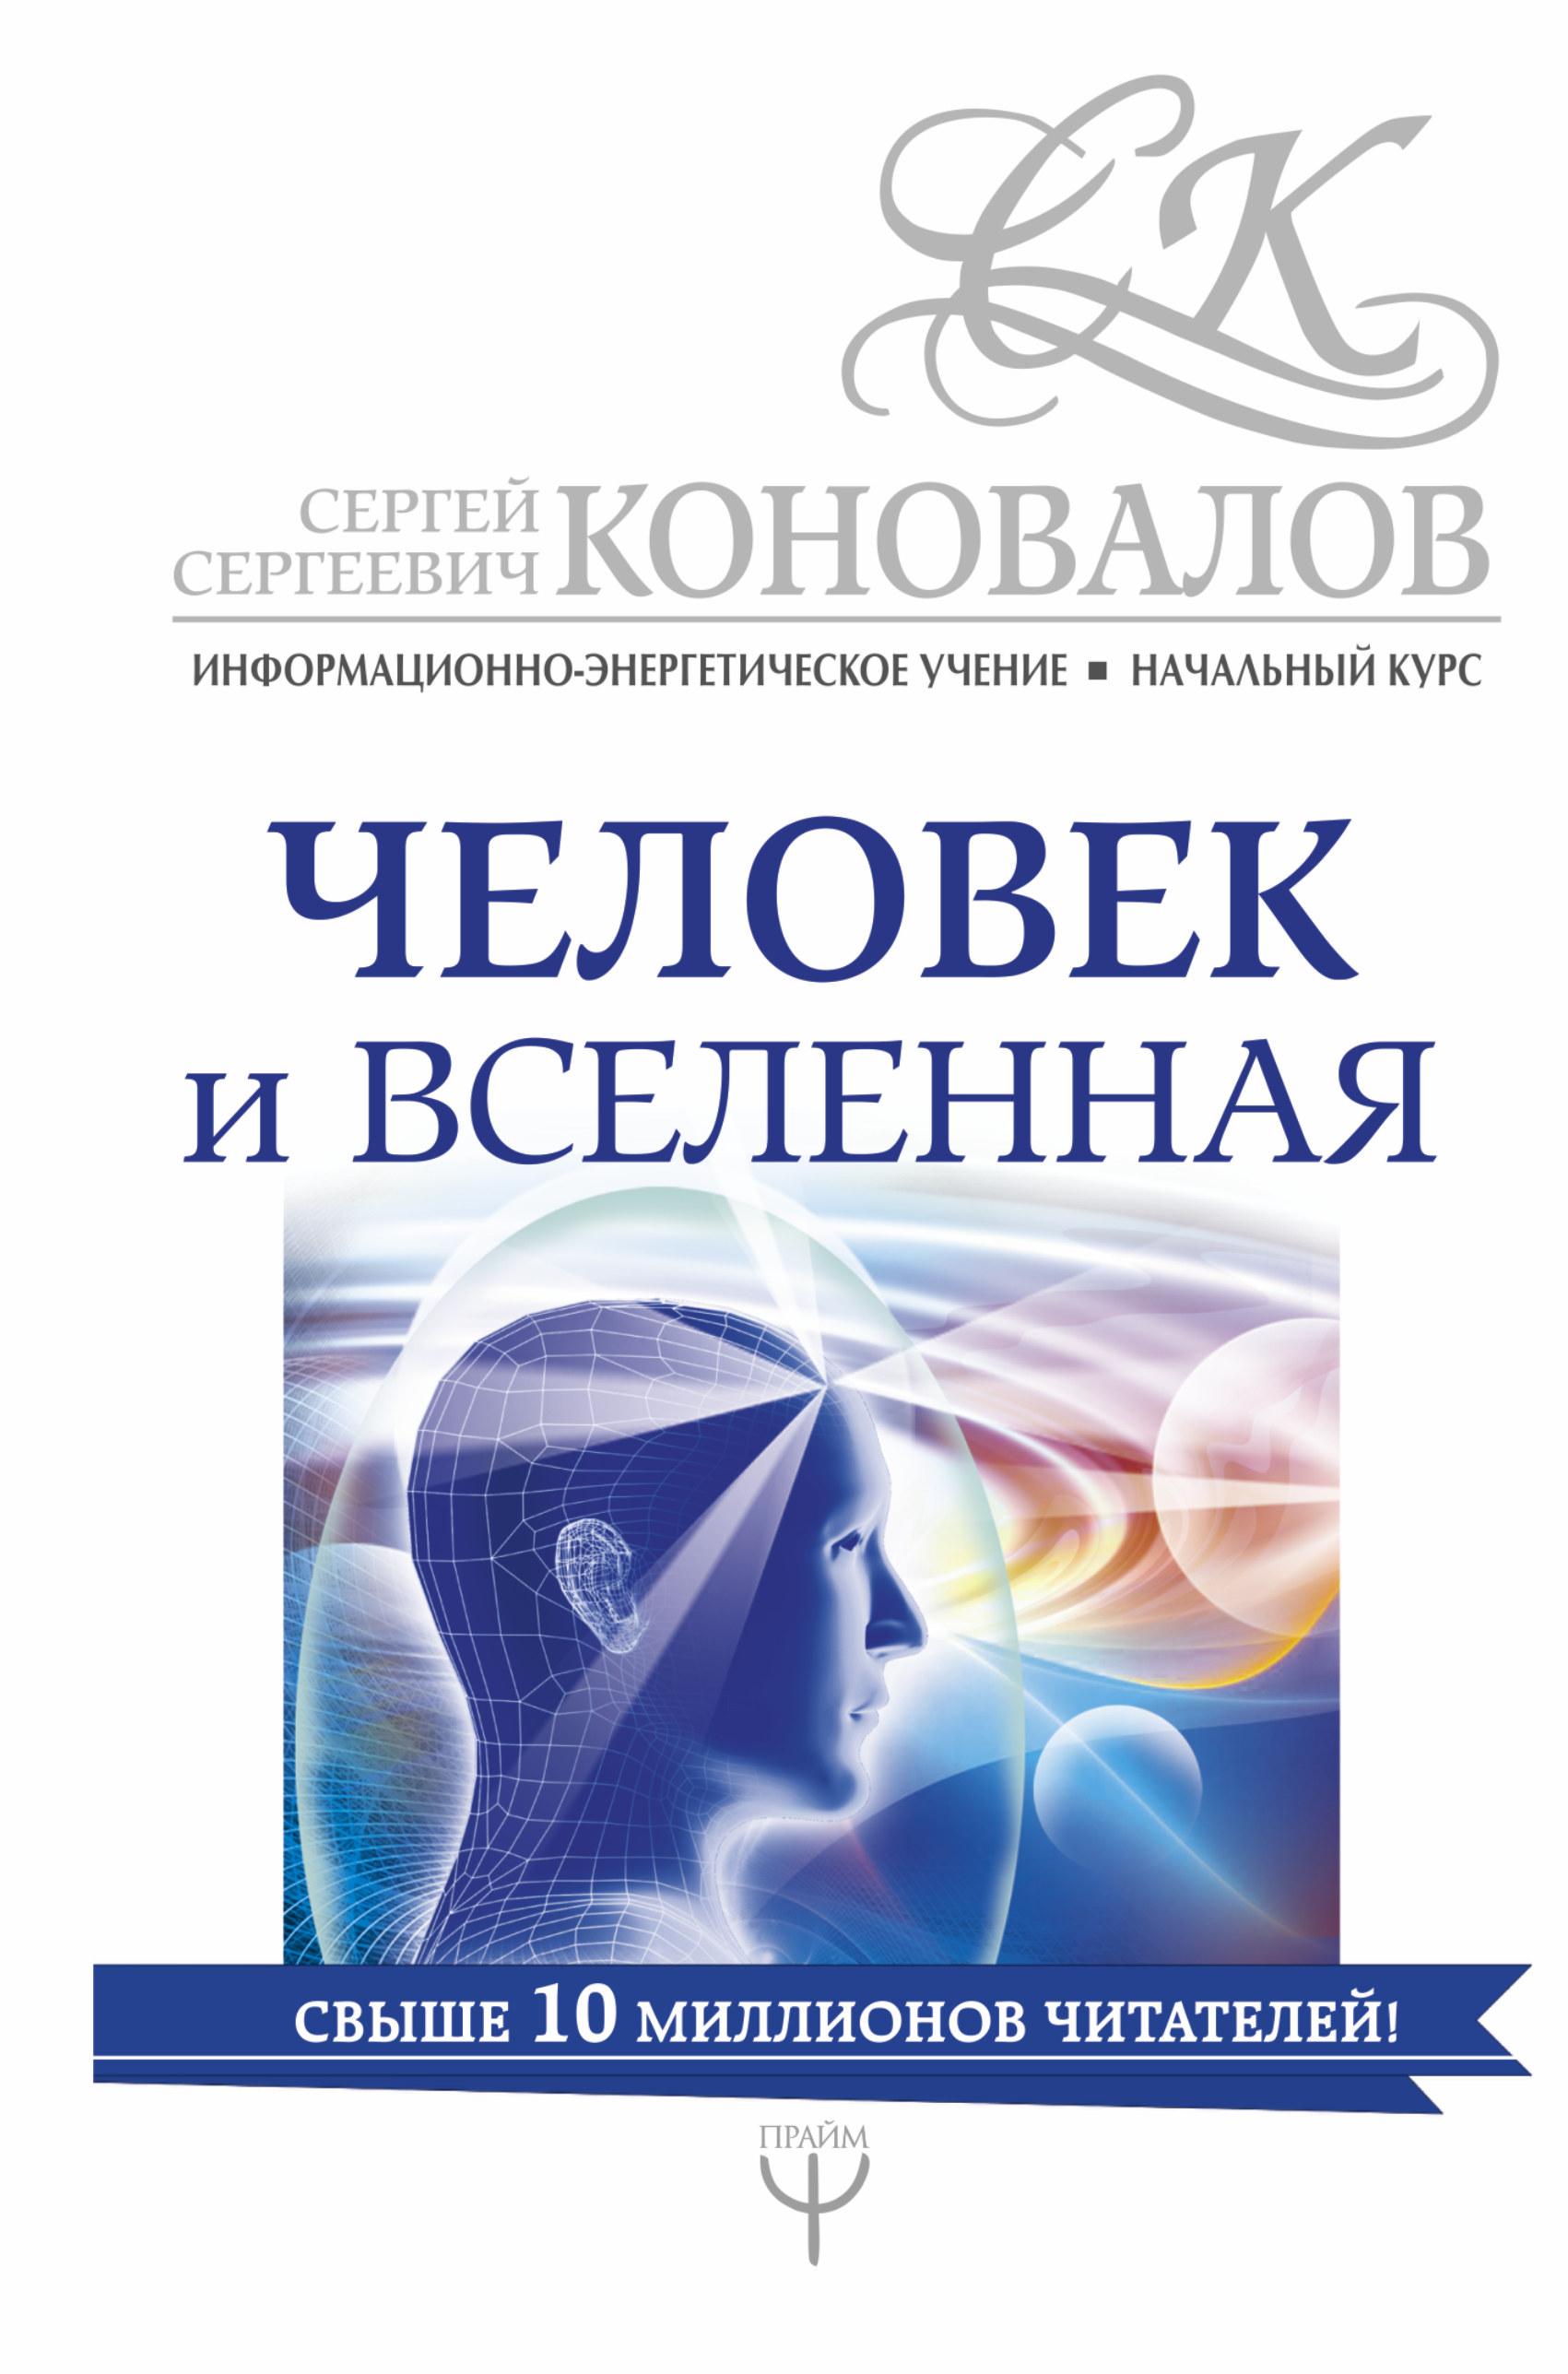 Сергей Коновалов Человек и Вселенная. Информационно-энергетическое Учение. Начальный курс